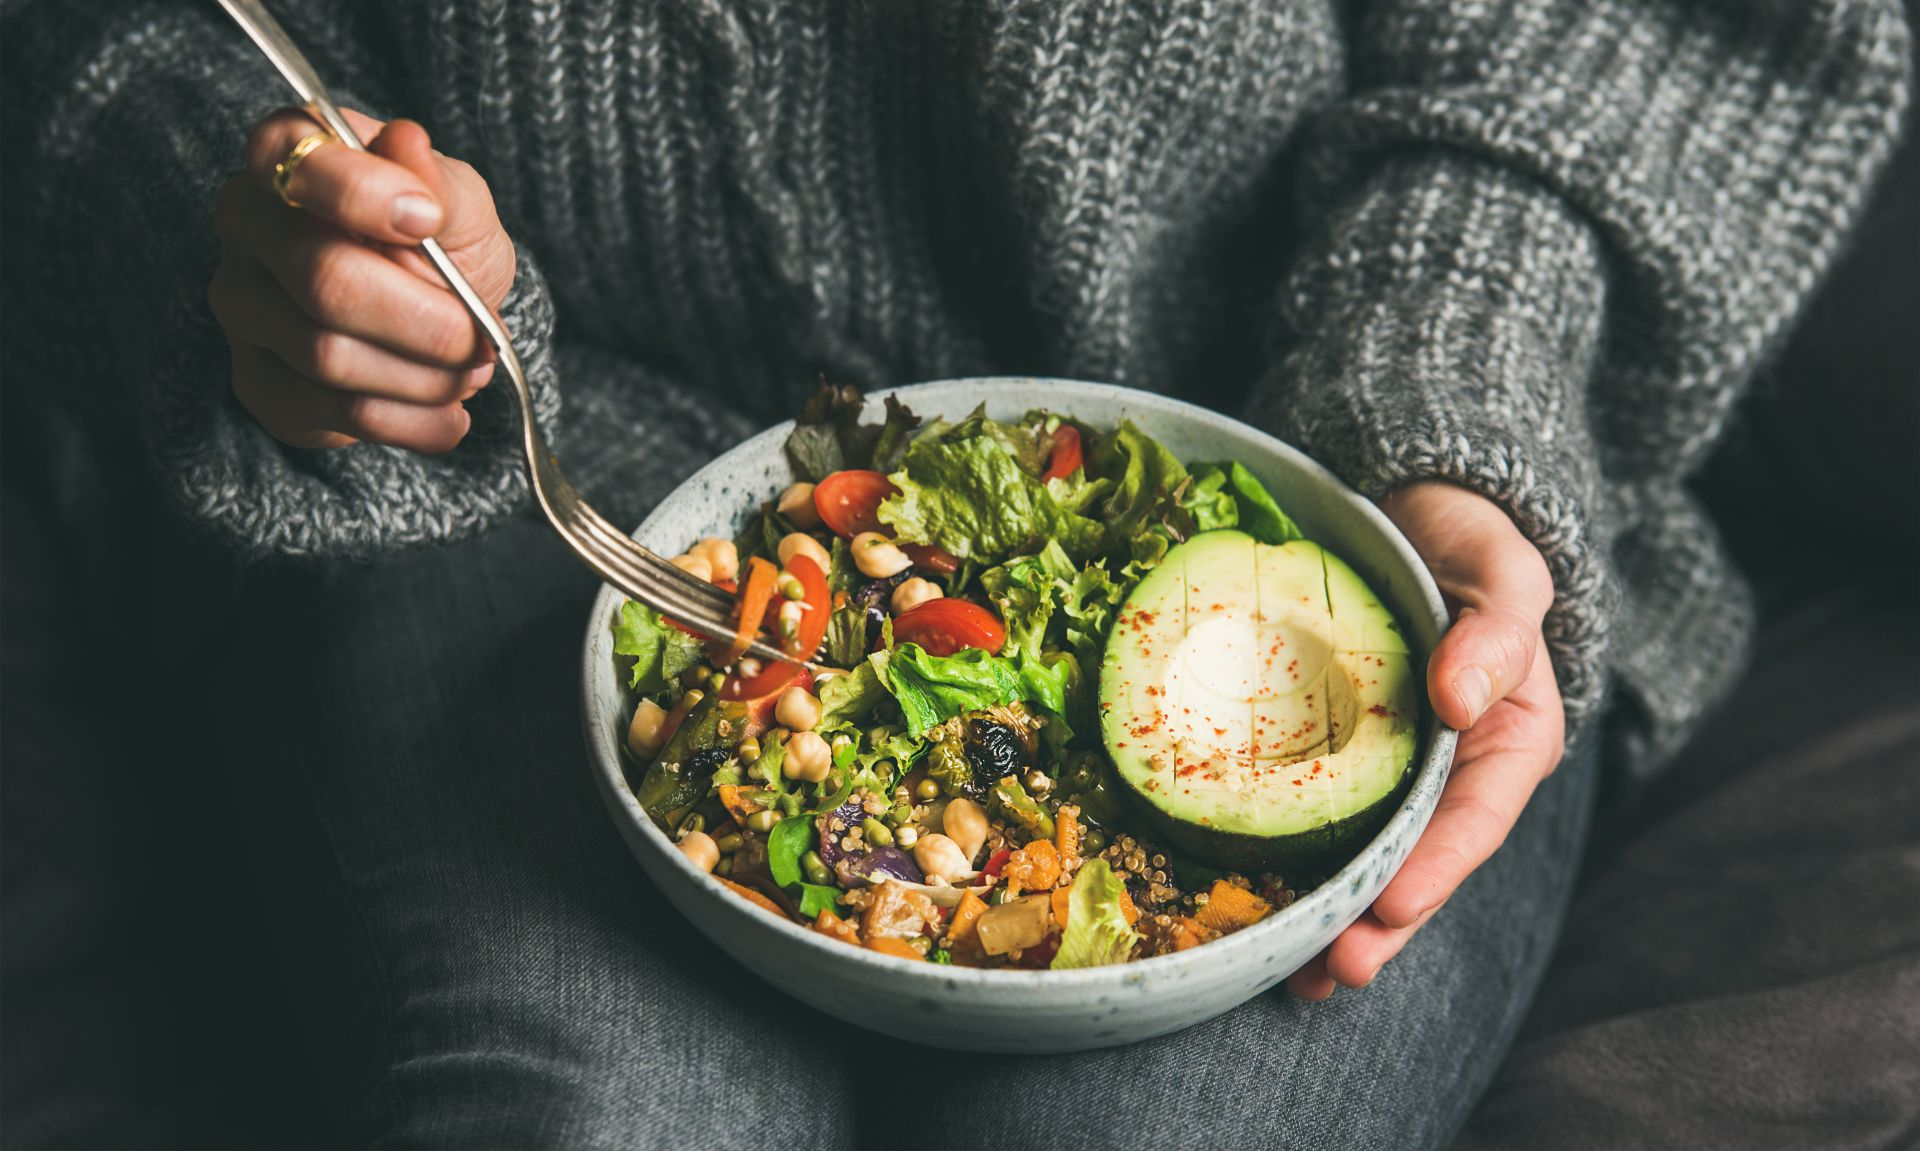 Niski indeks glikemiczny produktów spożywczych - dieta powinna być bogata w warzywa, owoce, orzechy, nasiona, chudy nabiał, rośliny strączkowe i grzyby o niskim indeksie glikemicznym.